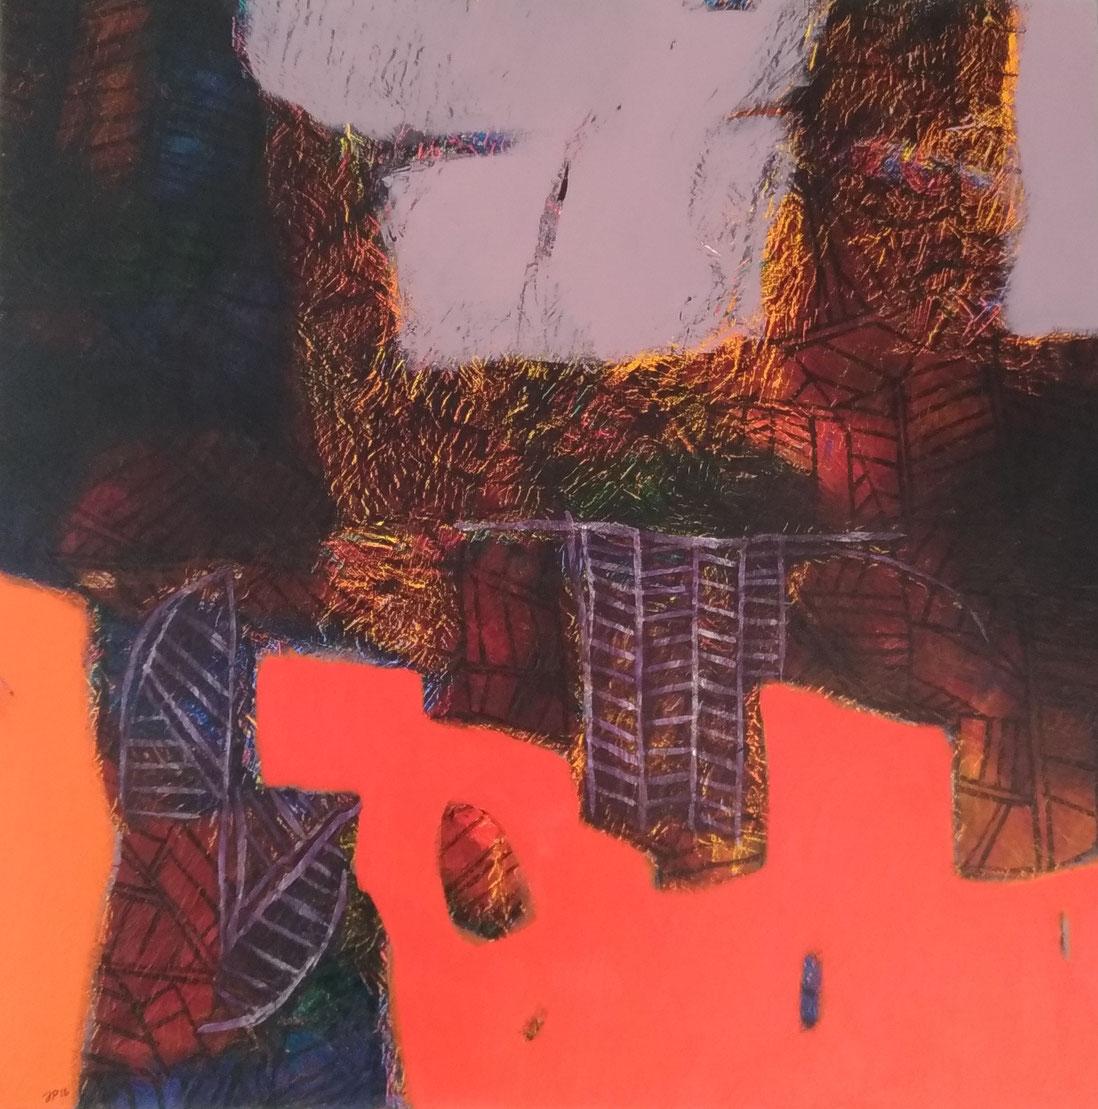 Jean-Pierre Plundr - Acrylique sur toile - Au-dessus de l'orange - 2018 - 80x80cm